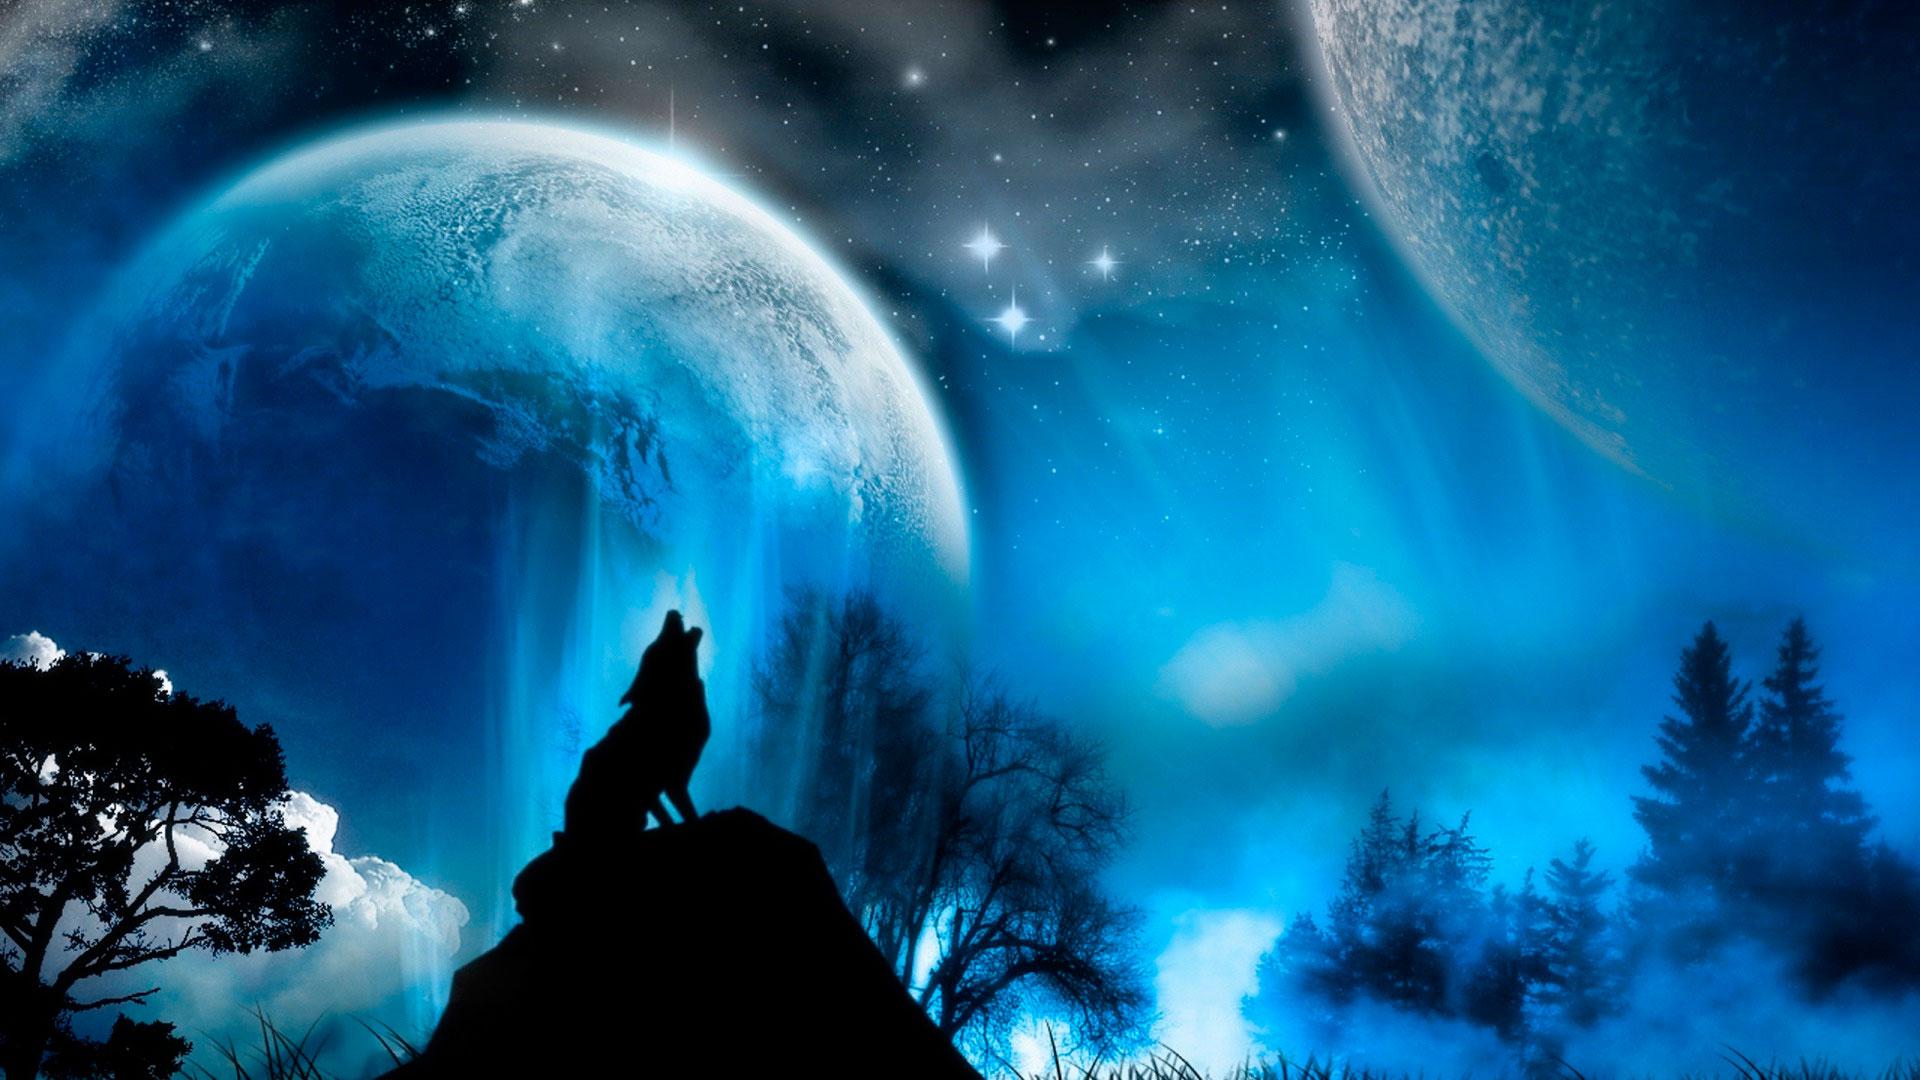 Обои Вой волка, картинки - Обои на рабочий стол Вой волка ...